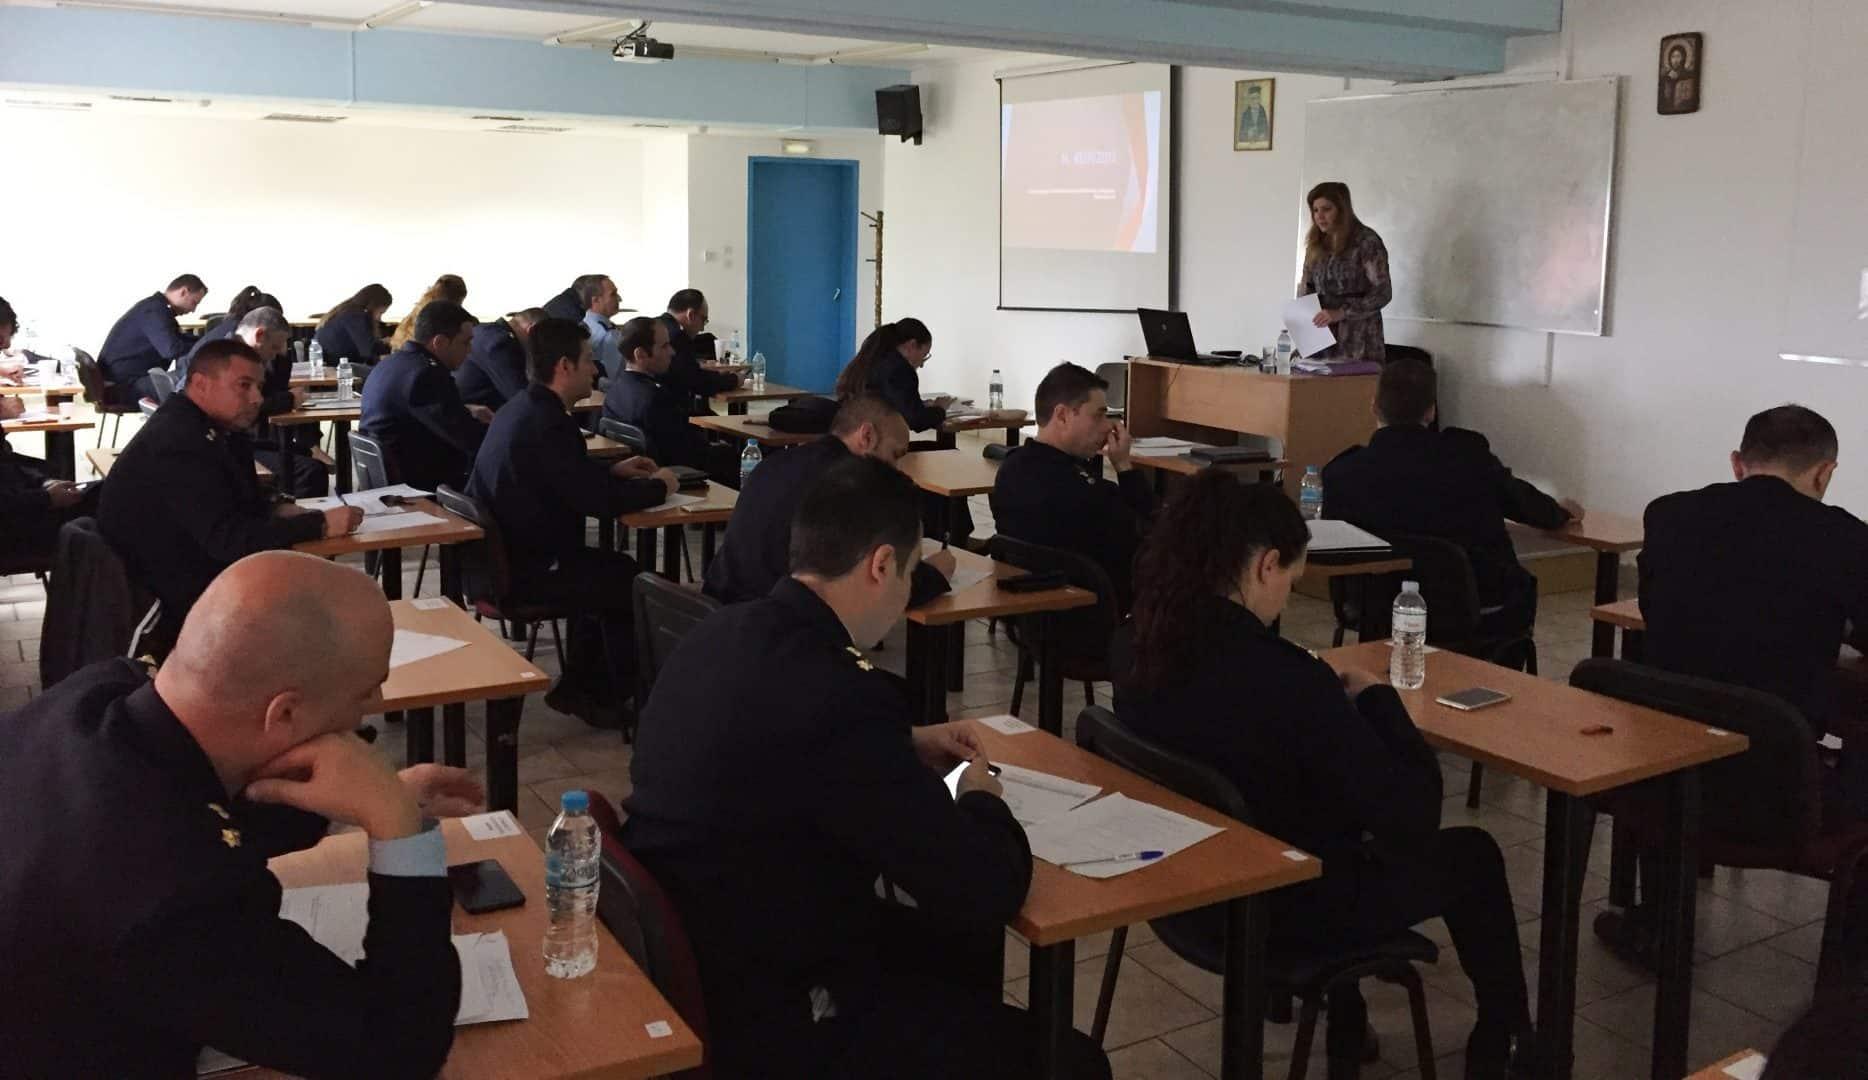 Σεμινάριο της ΠΦΠΟ στο Τμήμα Επαγγελματικής Μετεκπαίδευσης Επιτελών Στελεχών (Τ.Ε.Μ.Ε.Σ.) της Ελληνικής Αστυνομίας/Seminar of PFPO to the Department of Professional Training of Police Officers-Executives